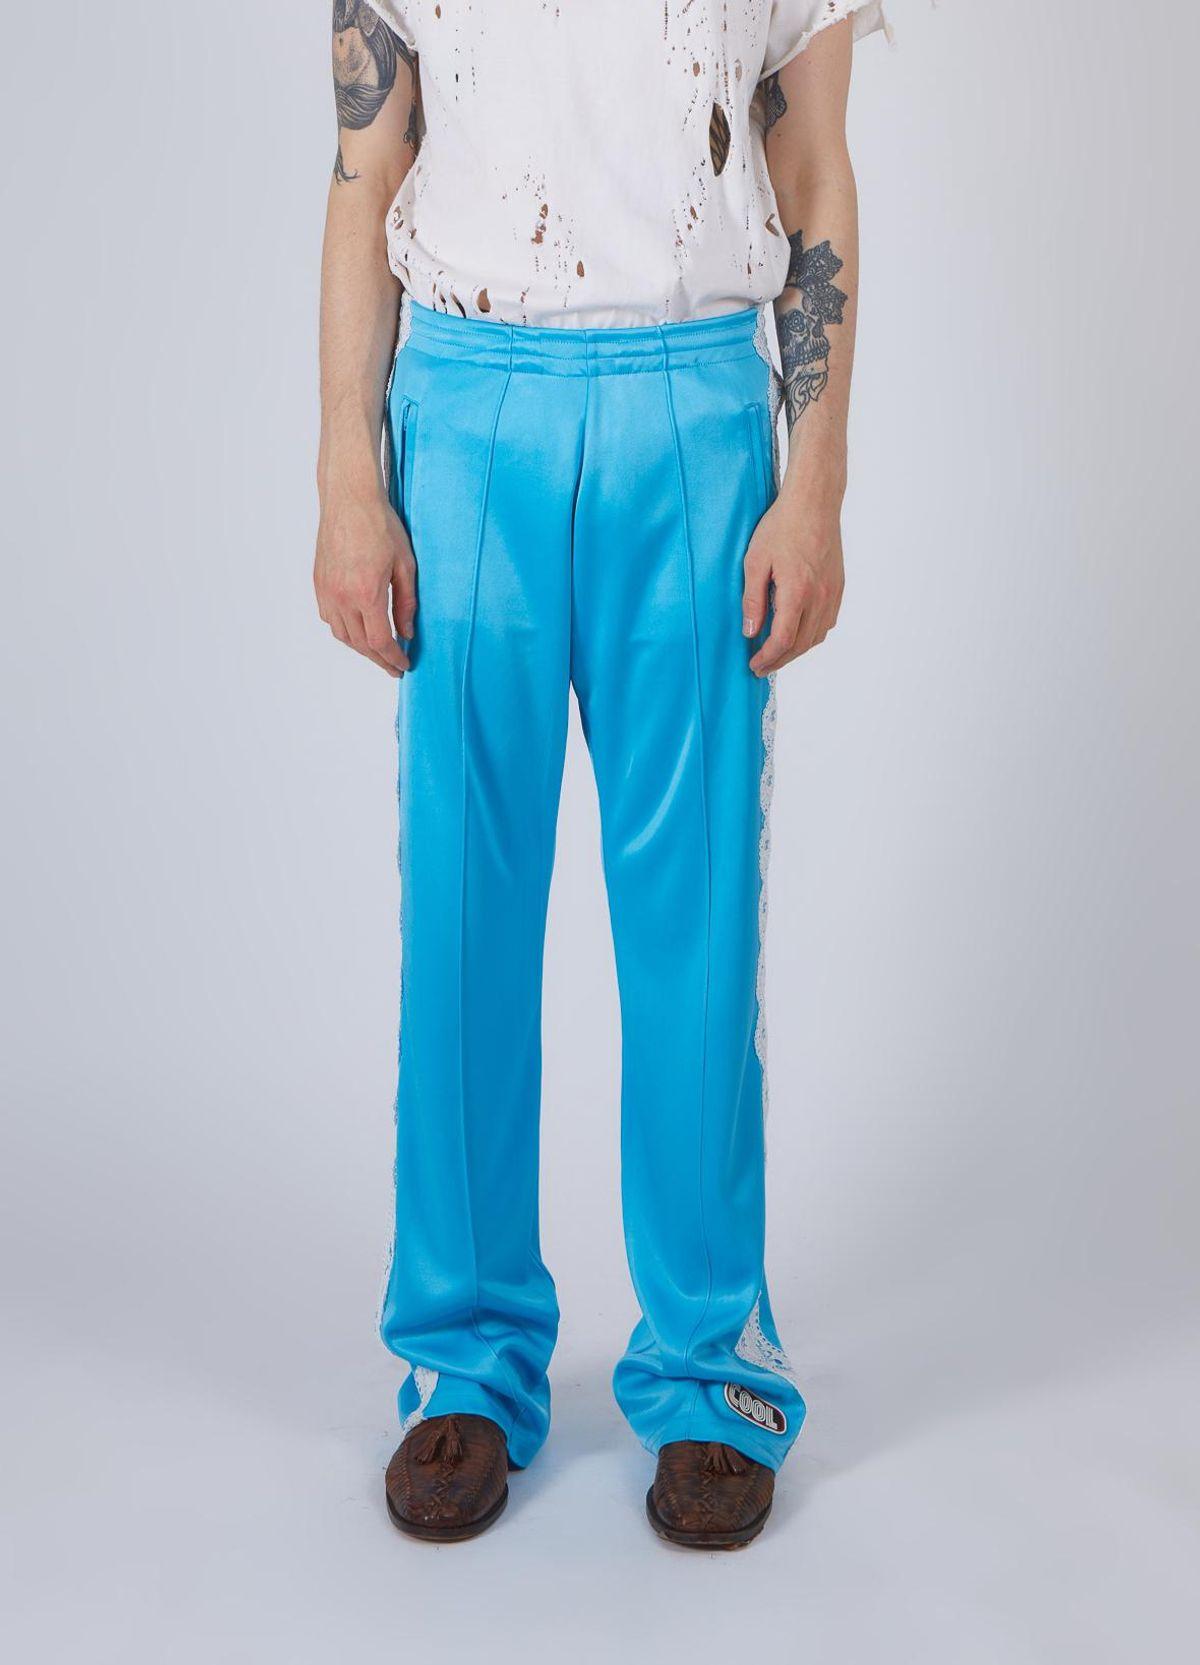 Lace Tracksuit Pants